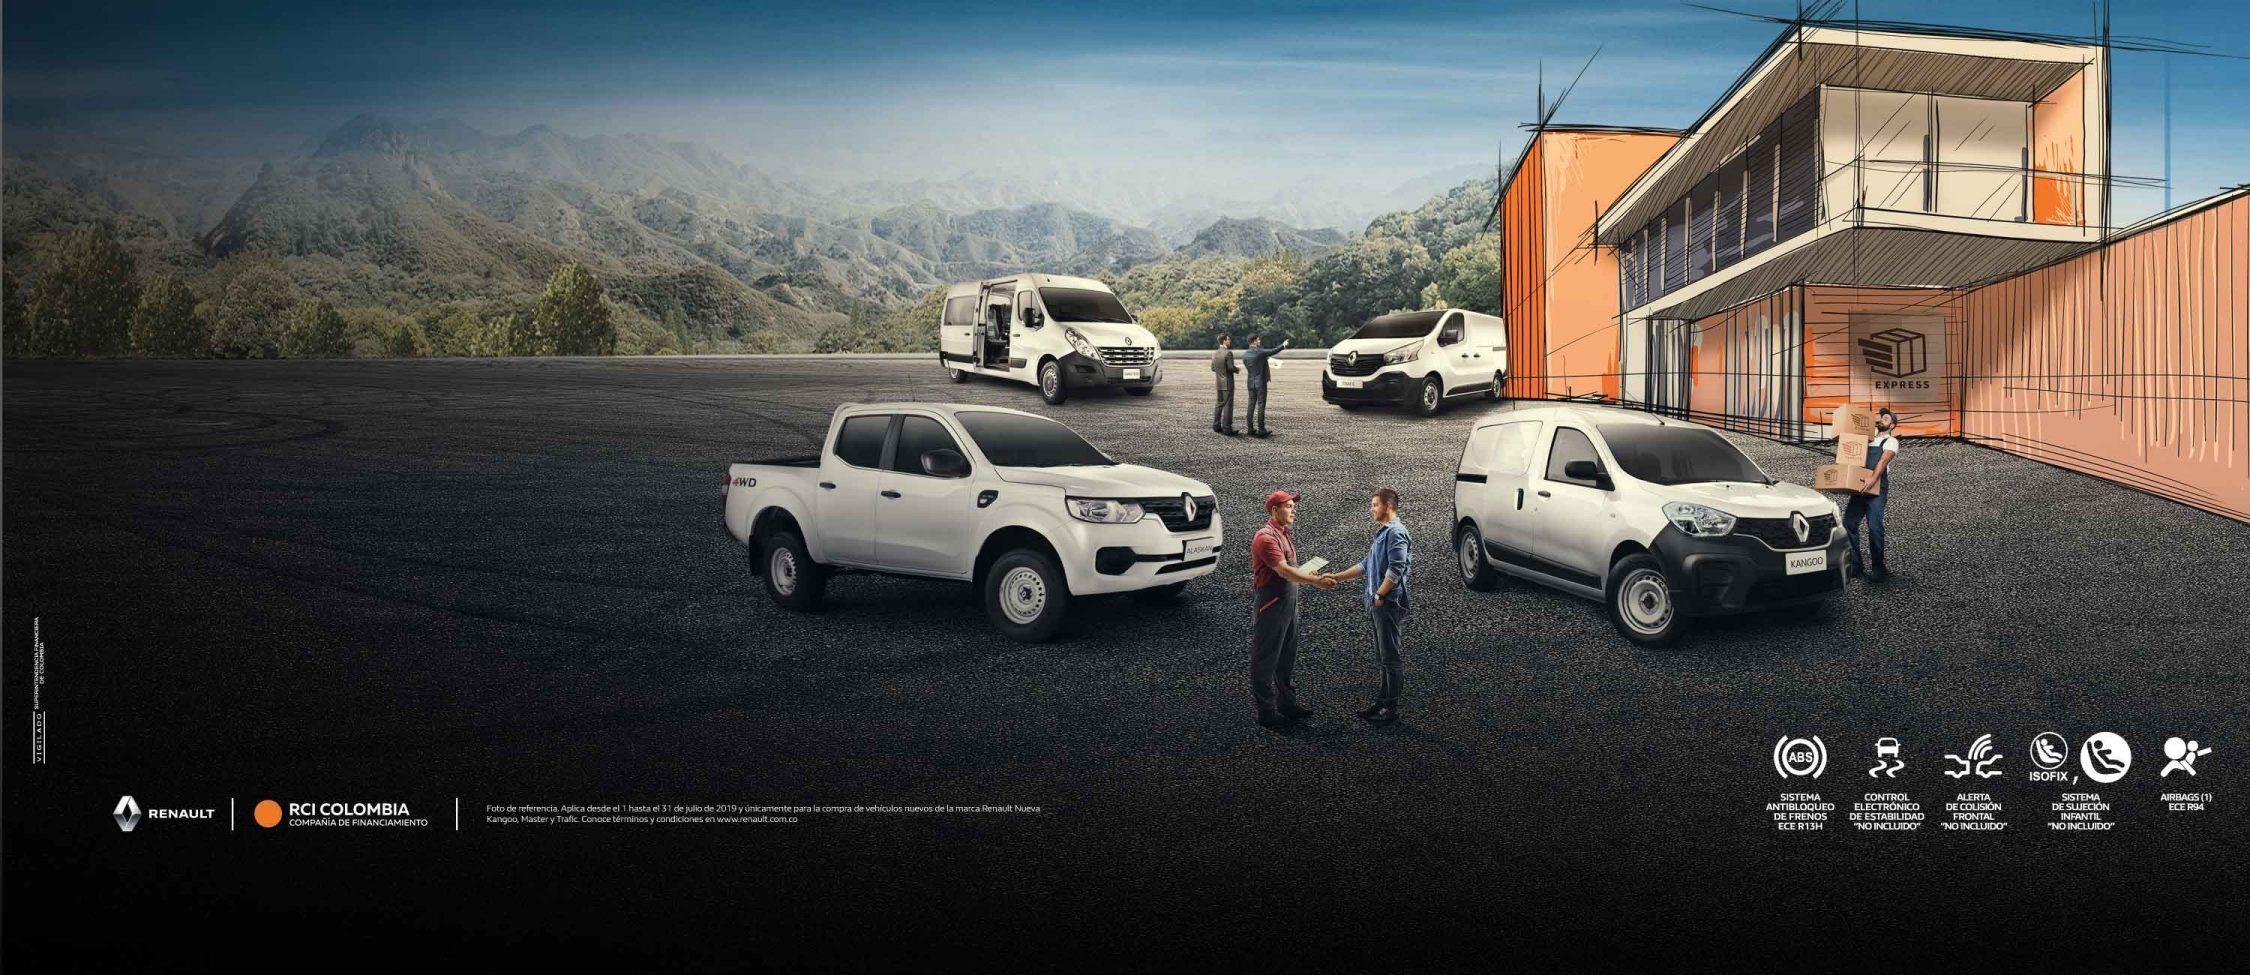 Plan Renault Empresas